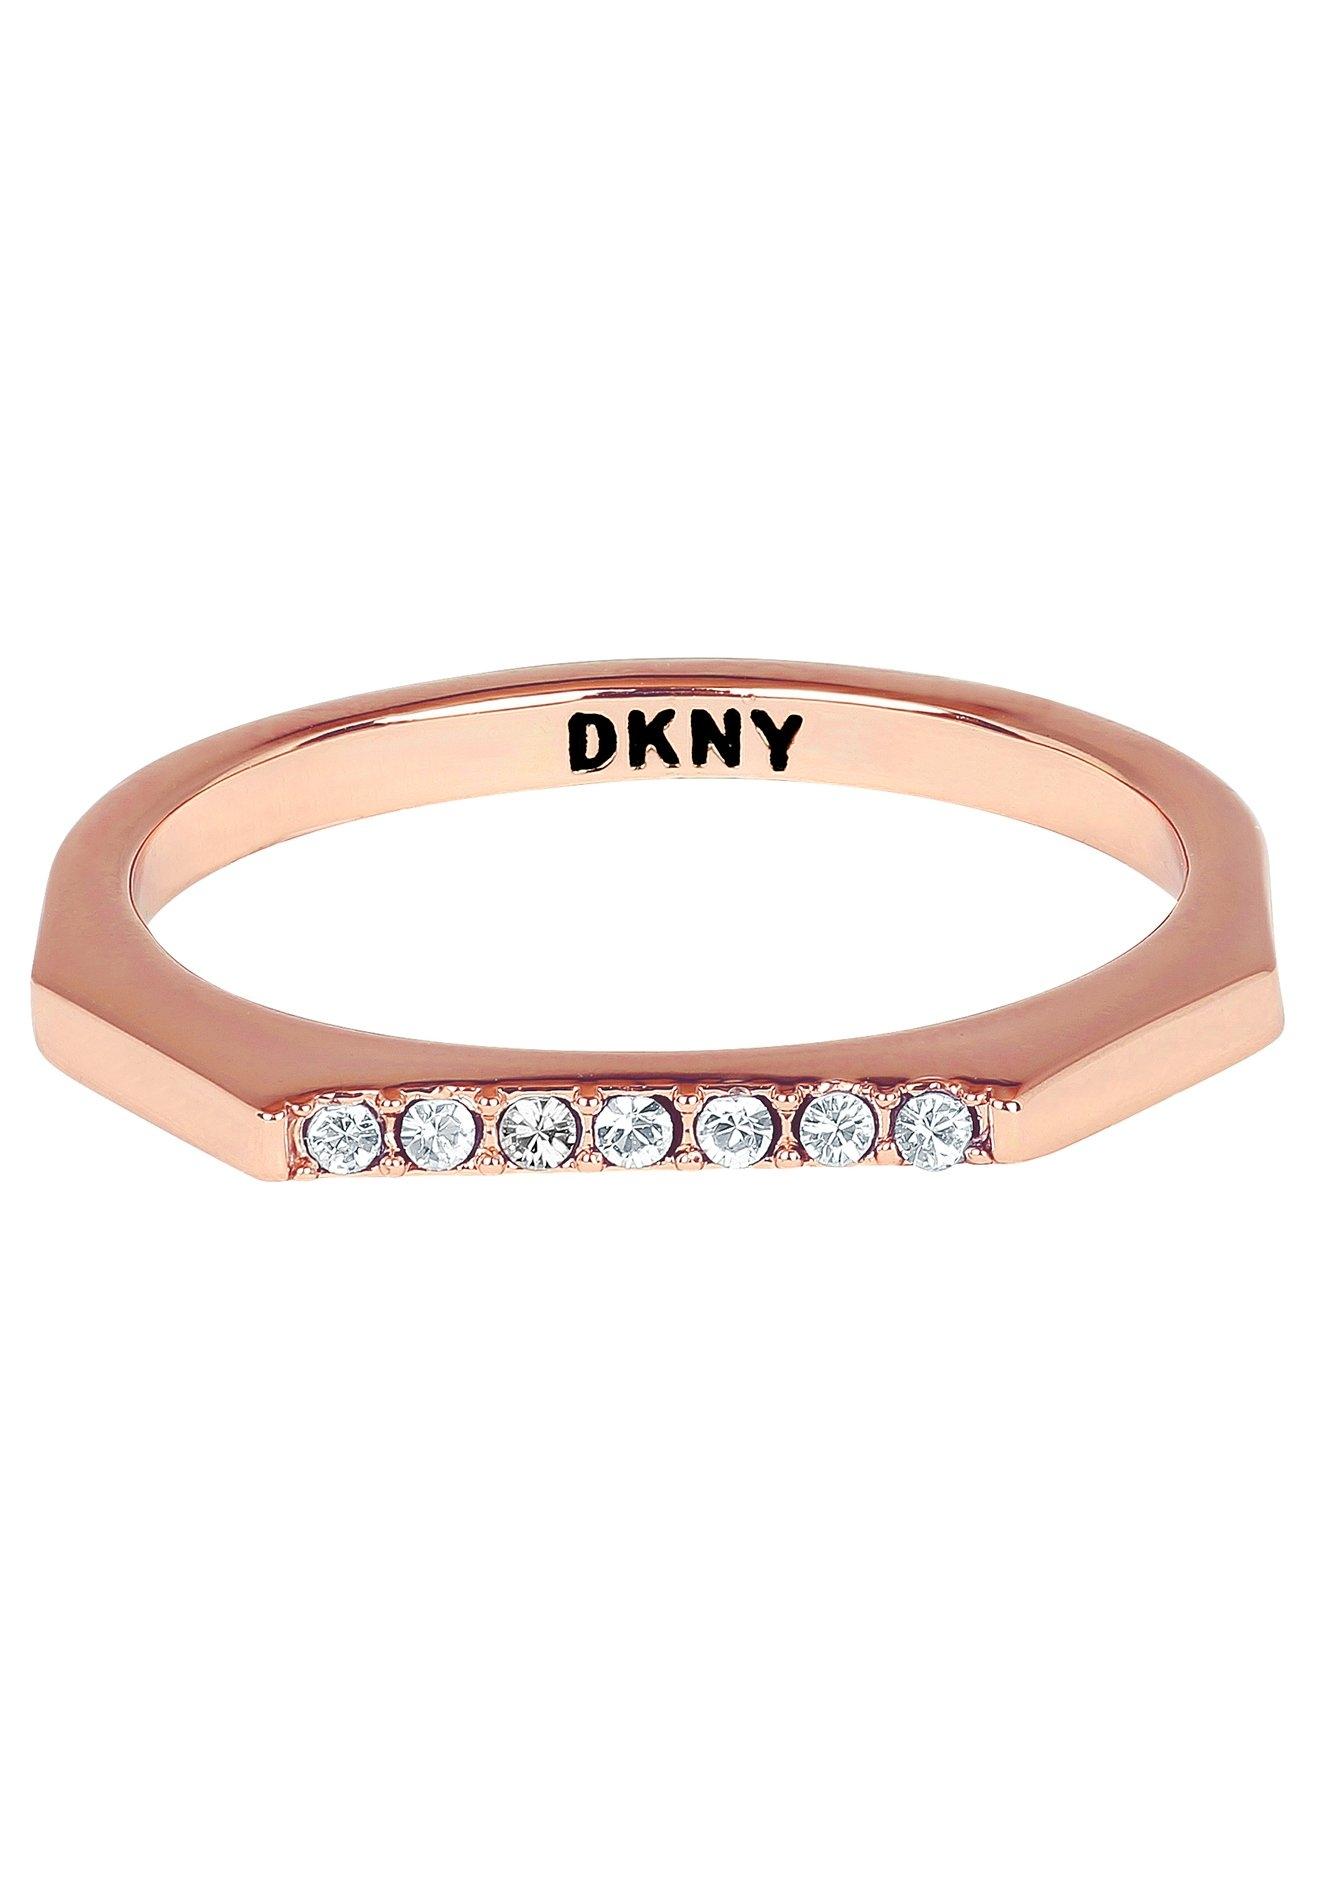 DKNY ring New York Skinny Pave RG (RG), 5548761, 5548762, 5548763 met swarovski®-kristallen nu online bestellen